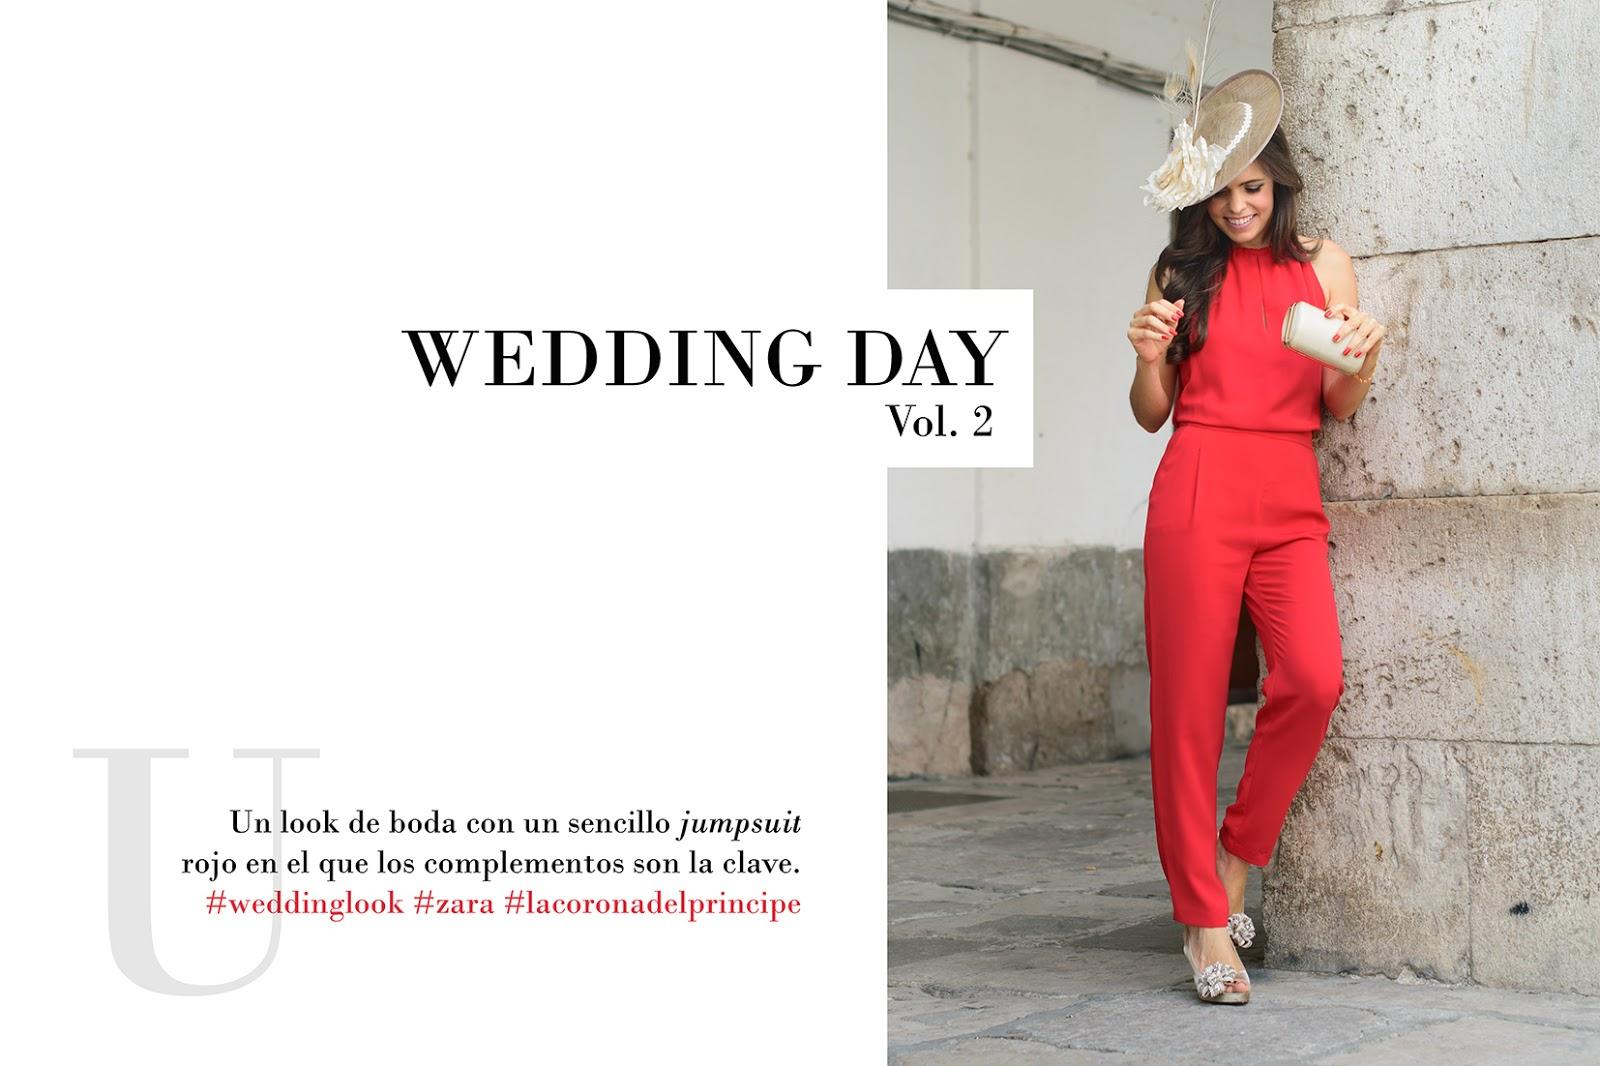 Look de boda con jumpsuit rojo de Zara y Pamela